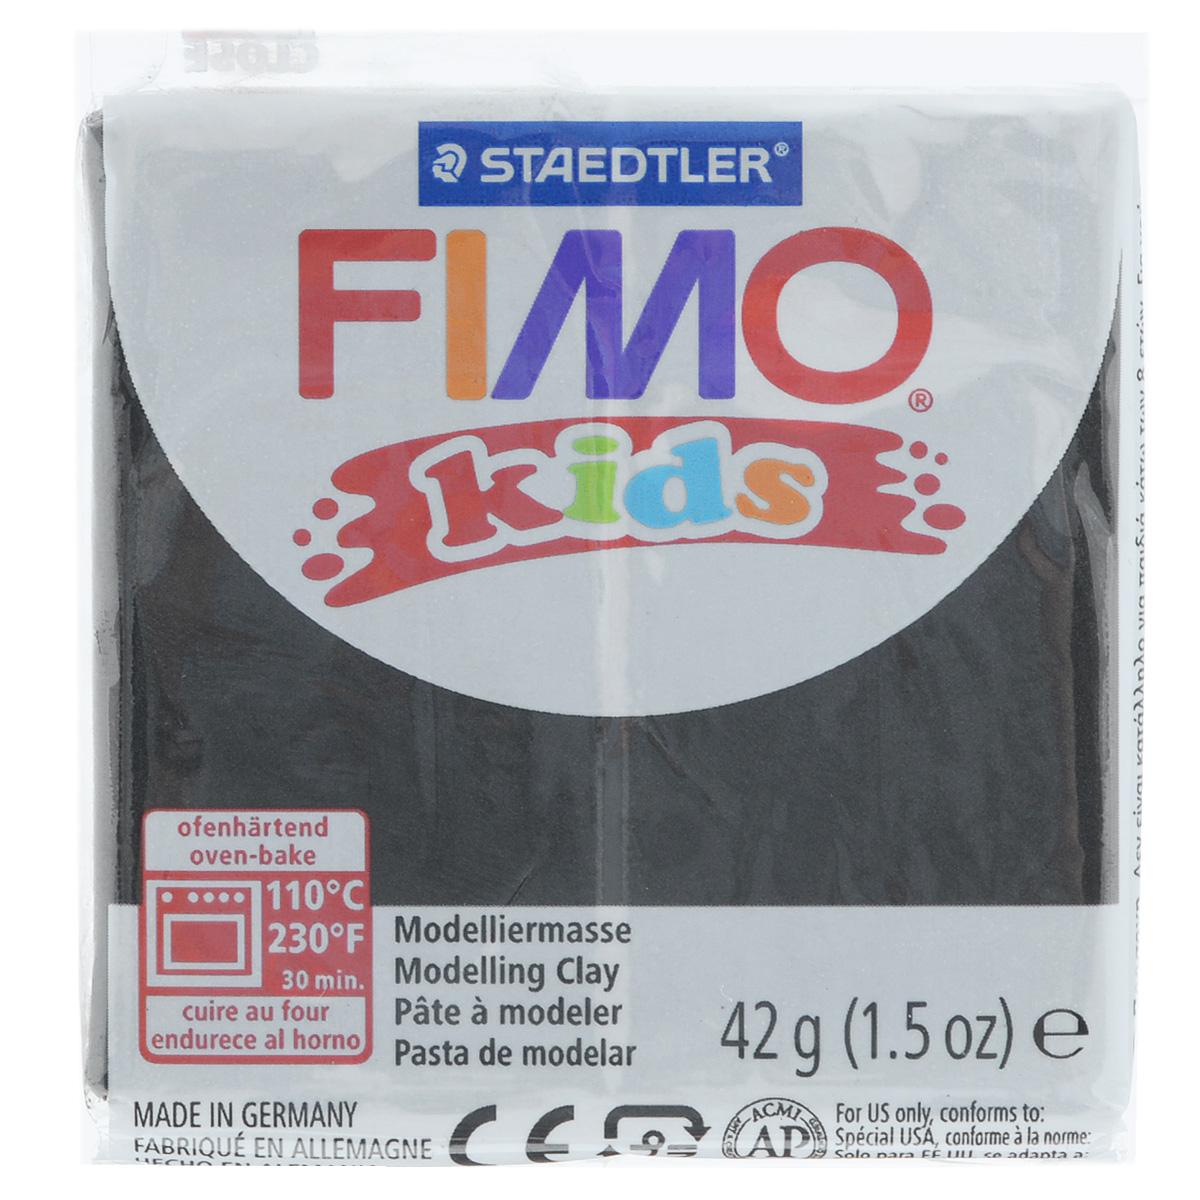 Полимерная глина для детей Fimo Kids, цвет: черный (9), 42 г8030-9Мягкая глина на полимерной основе (пластика) Fimo Kids идеально подходит для лепки небольших изделий (украшений, скульптурок, кукол) и для моделирования. Глина обладает отличными пластичными свойствами, хорошо размягчается и лепится, легко смешивается между собой, благодаря чему можно создать огромное количество поделок любых цветов и оттенков, не имеет запаха. Идеально подходит для работы с детьми. Блок разделен на 2 сегмента, что позволяет легче разделять глину на порции. В домашних условиях готовая поделка выпекается в духовом шкафу при температуре 110°С в течении 15-30 минут (в зависимости от величины изделия). Отвердевшие изделия могут быть раскрашены акриловыми красками, покрыты лаком, склеены друг с другом или с другими материалами.